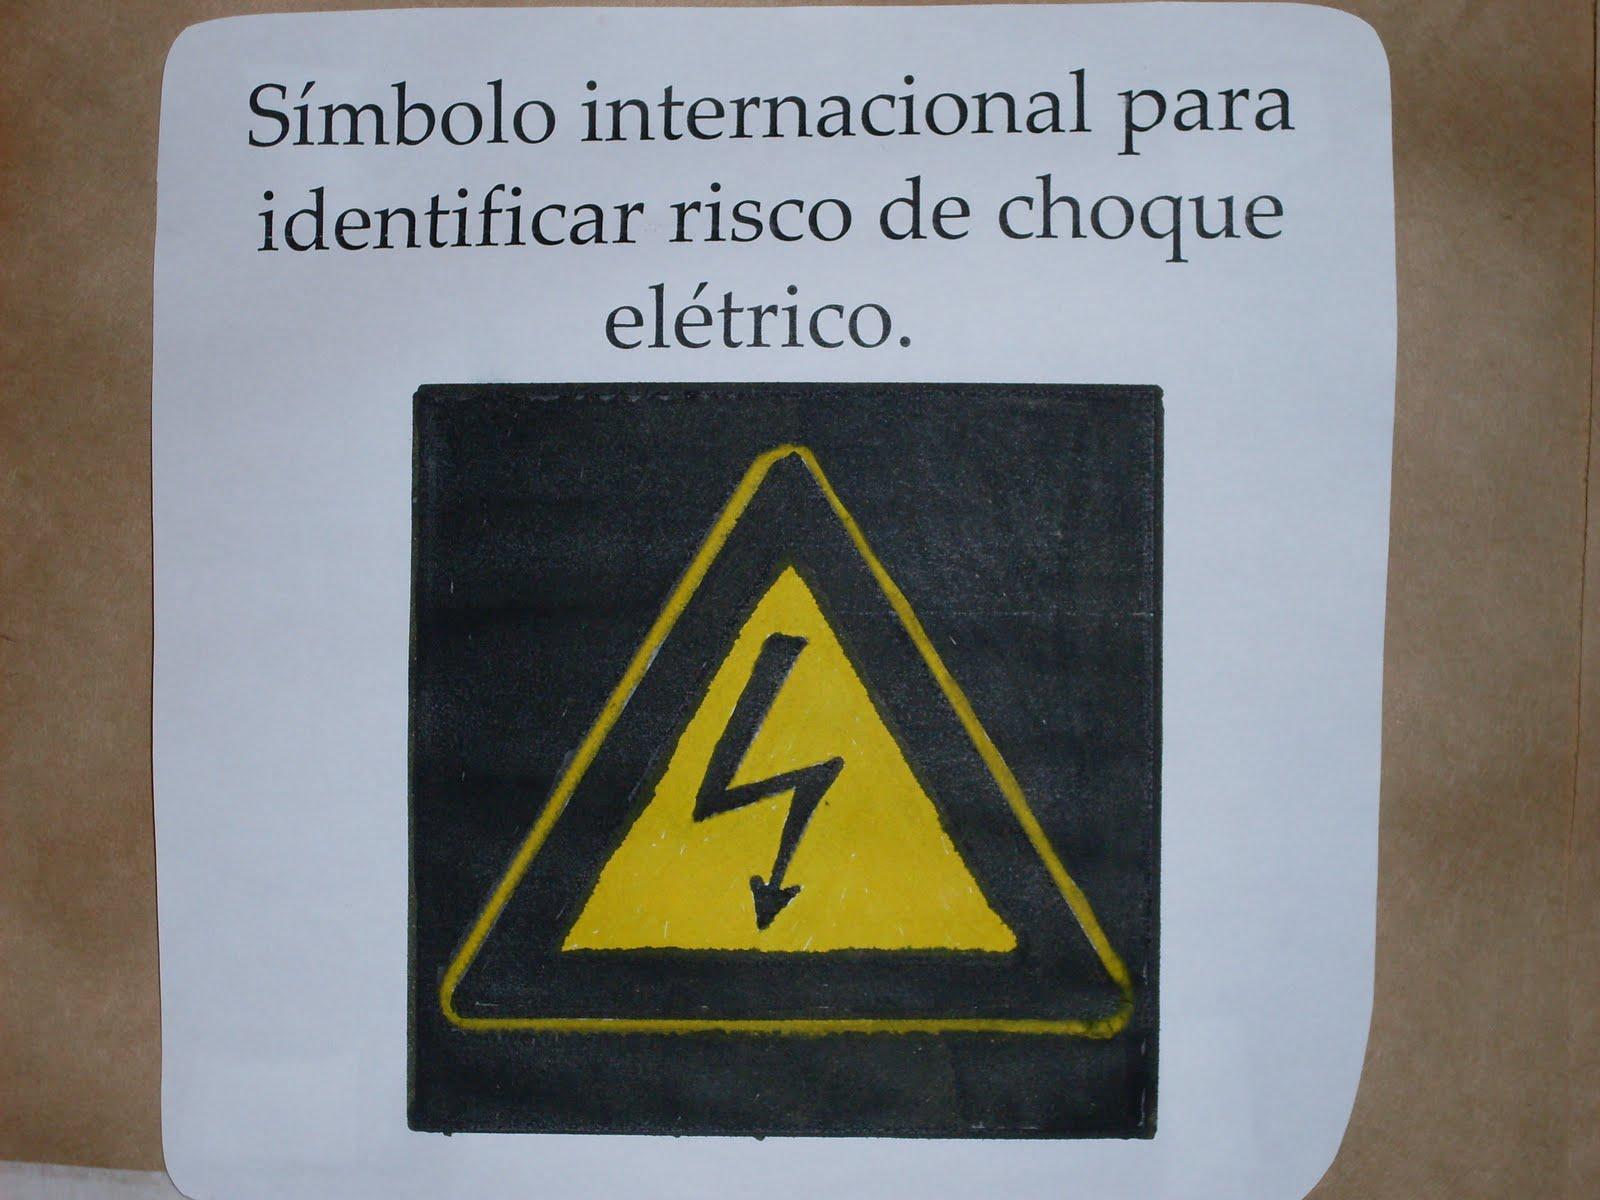 Equipe do Verde 2011: Tarefa 7: Conhecendo alguns símbolos  #B19C17 1600 1200